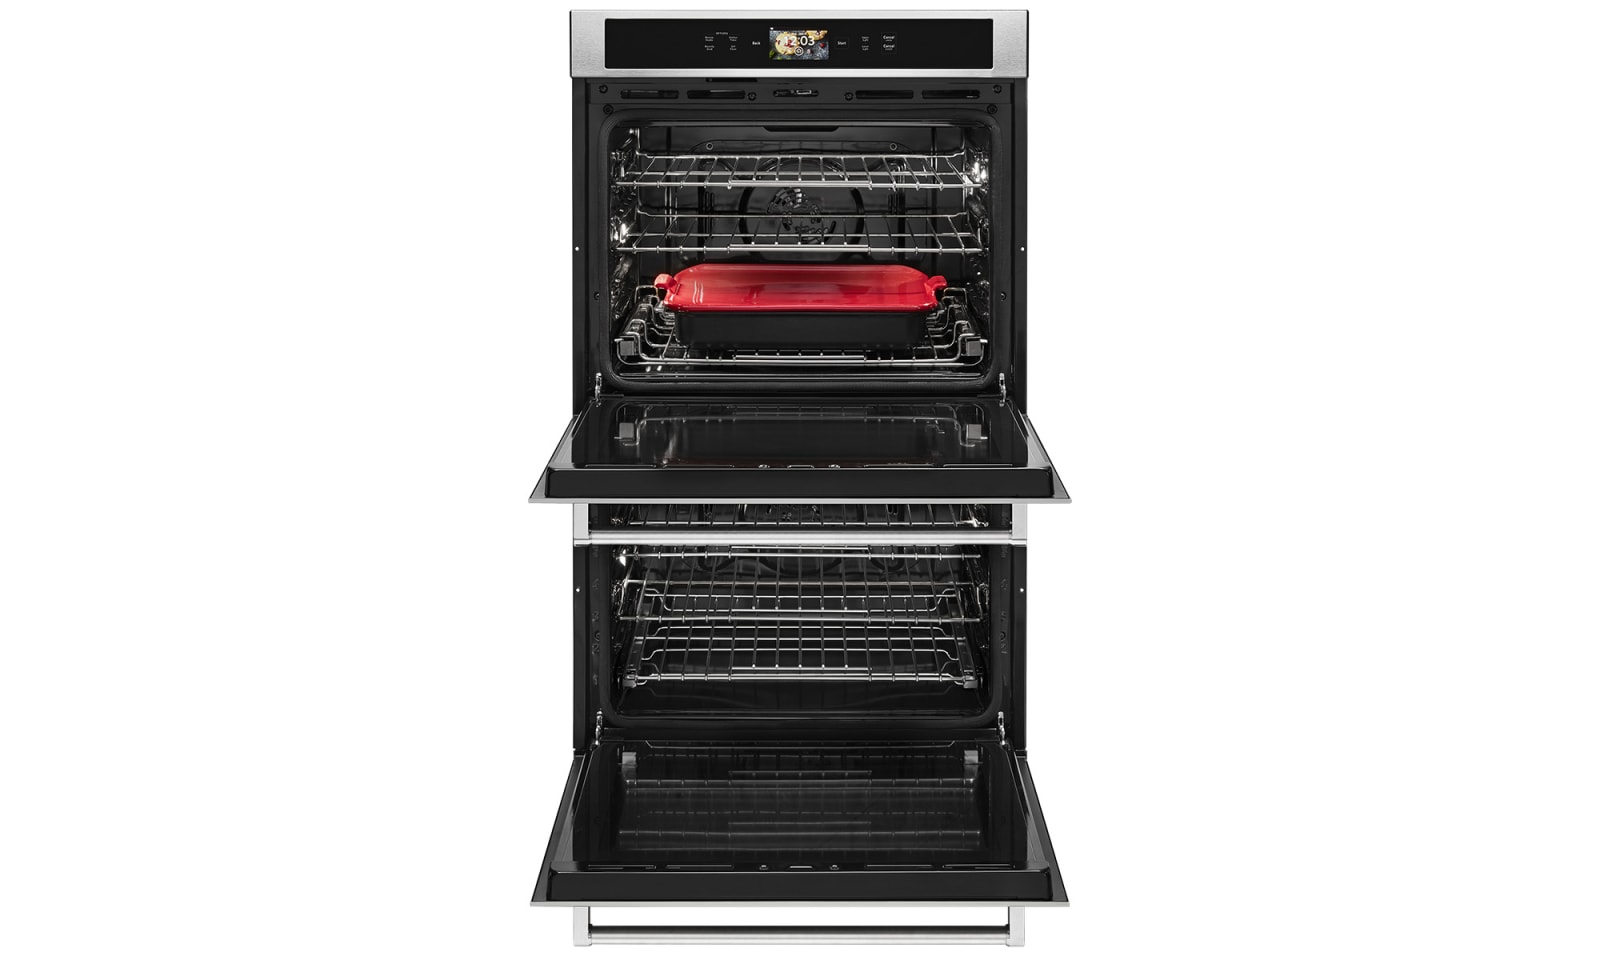 KitchenAid Smart Oven